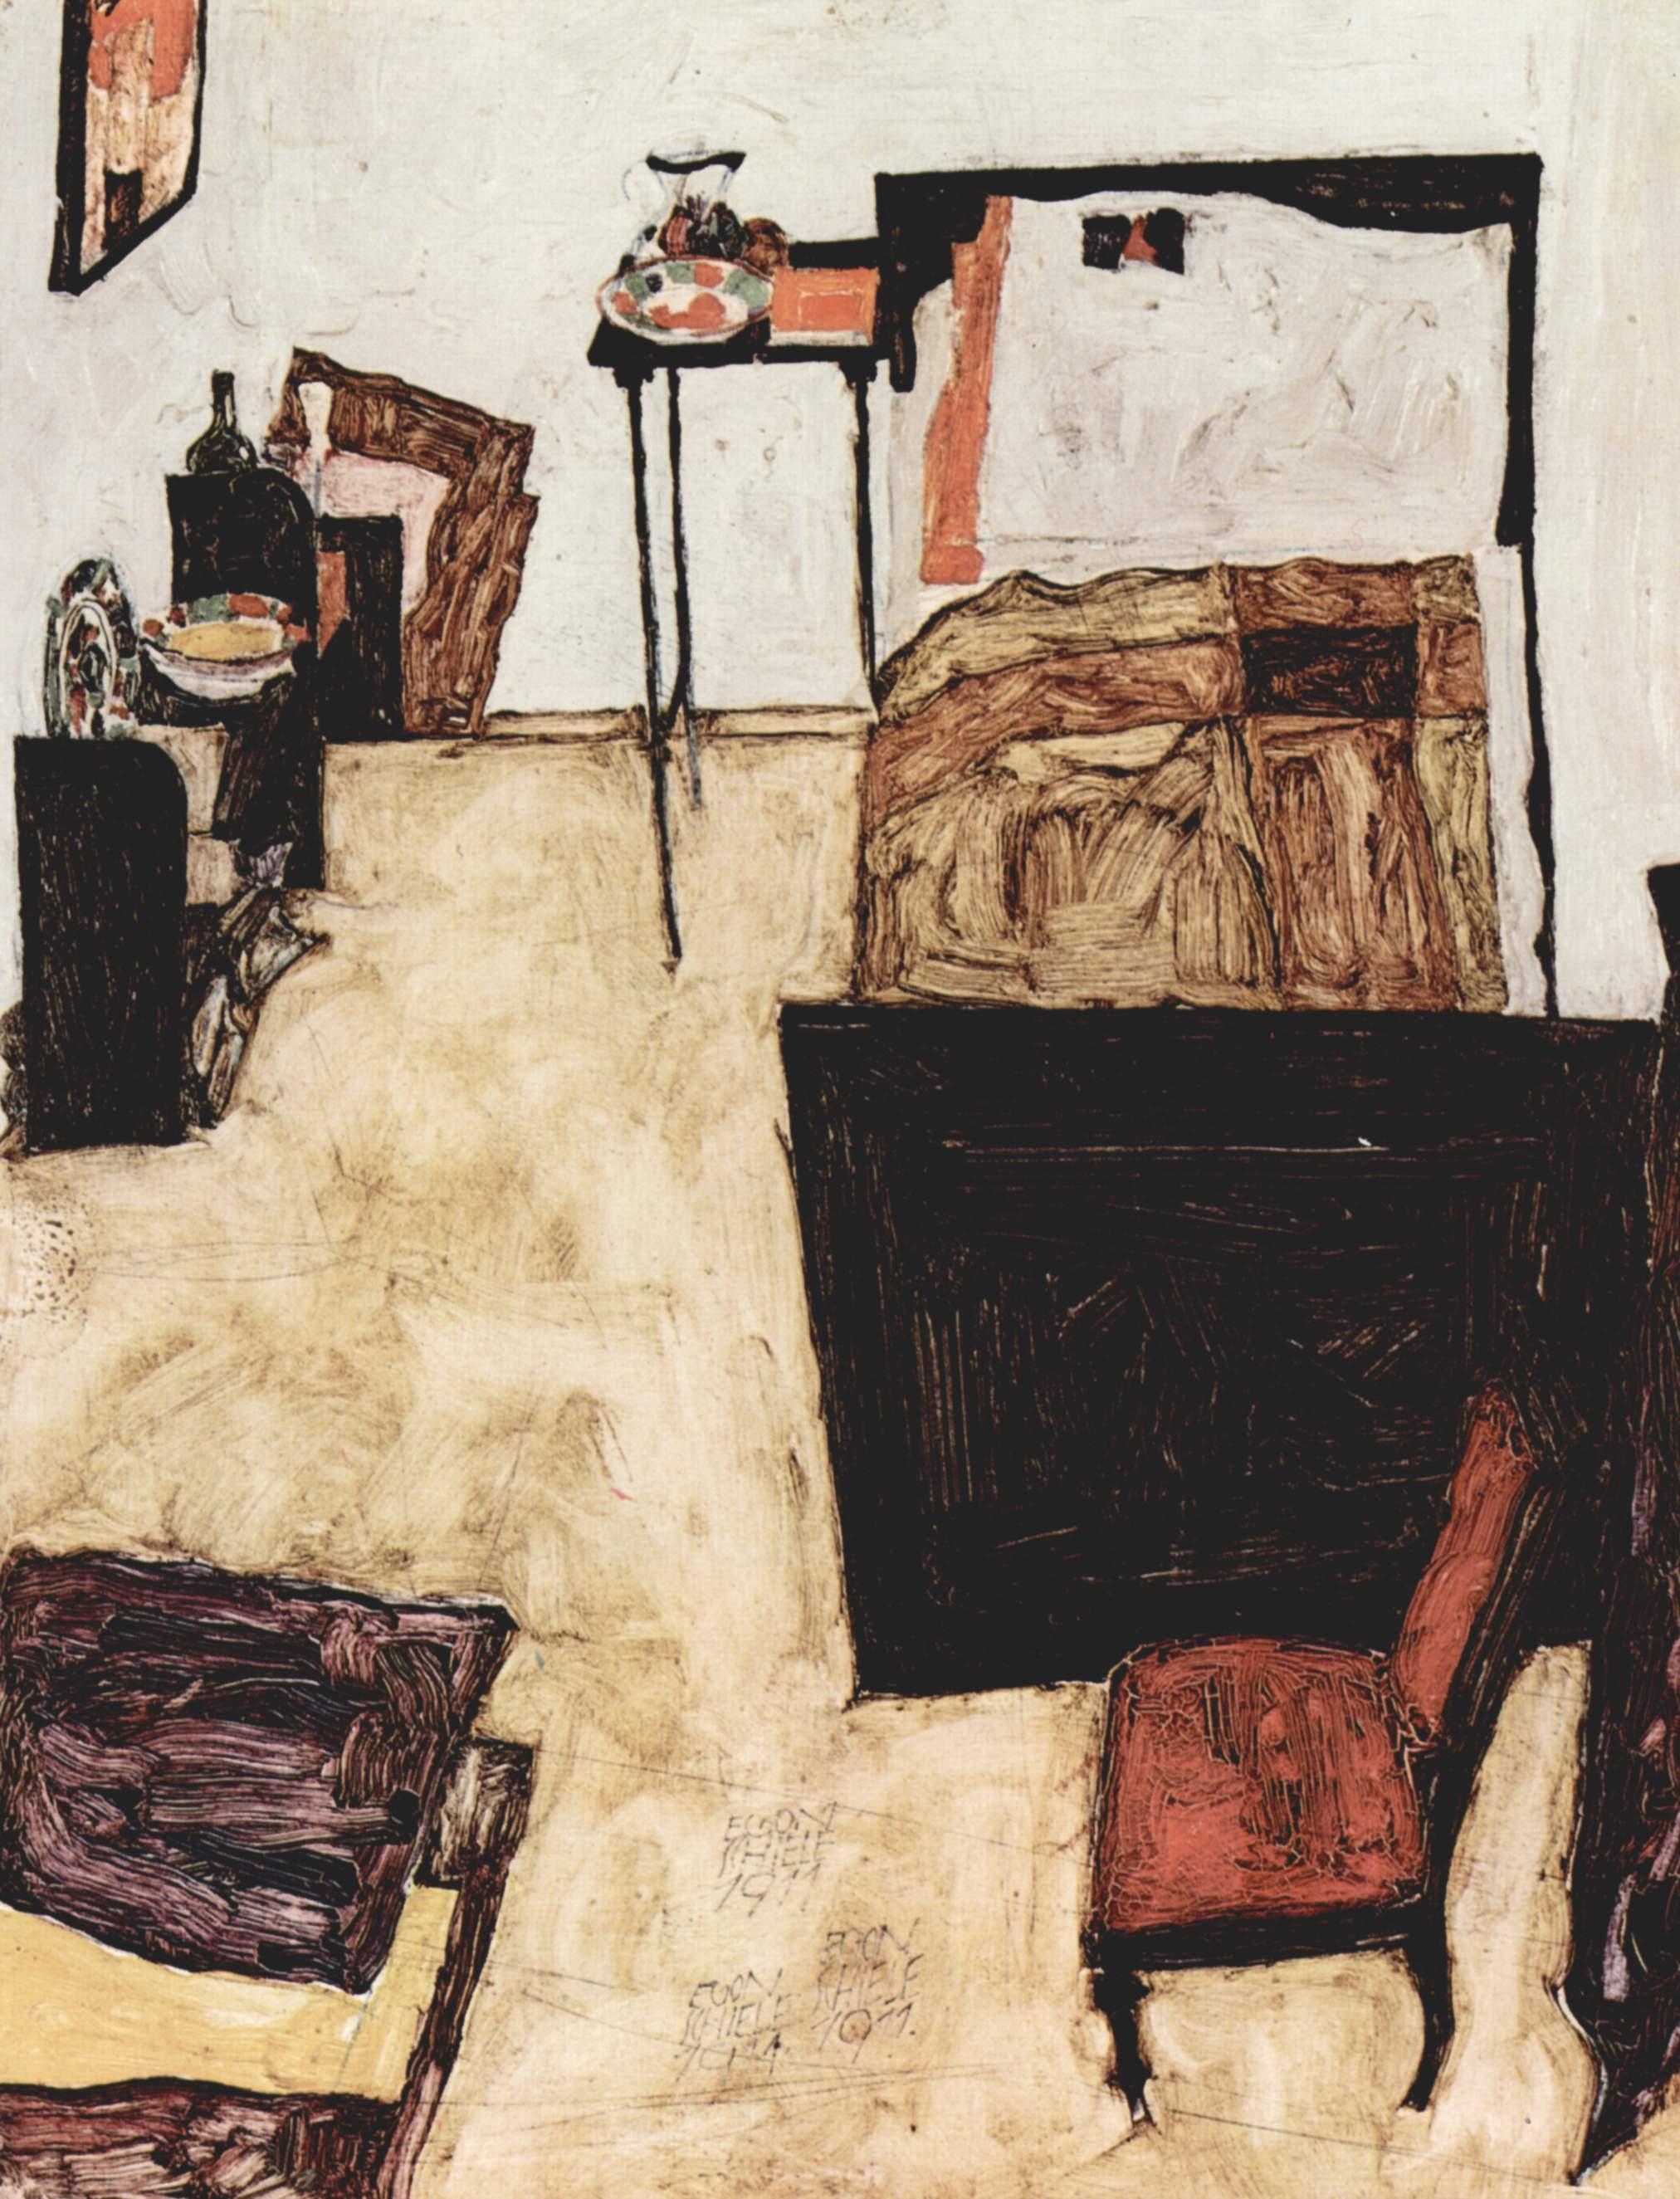 Holz Schlafzimmer Stillleben Kunstwerk Malerei Österreich Kunst  Publicdomain Expressionismus Skizzieren Zeichnung Egonschiele Illustration  Jugendstil ...